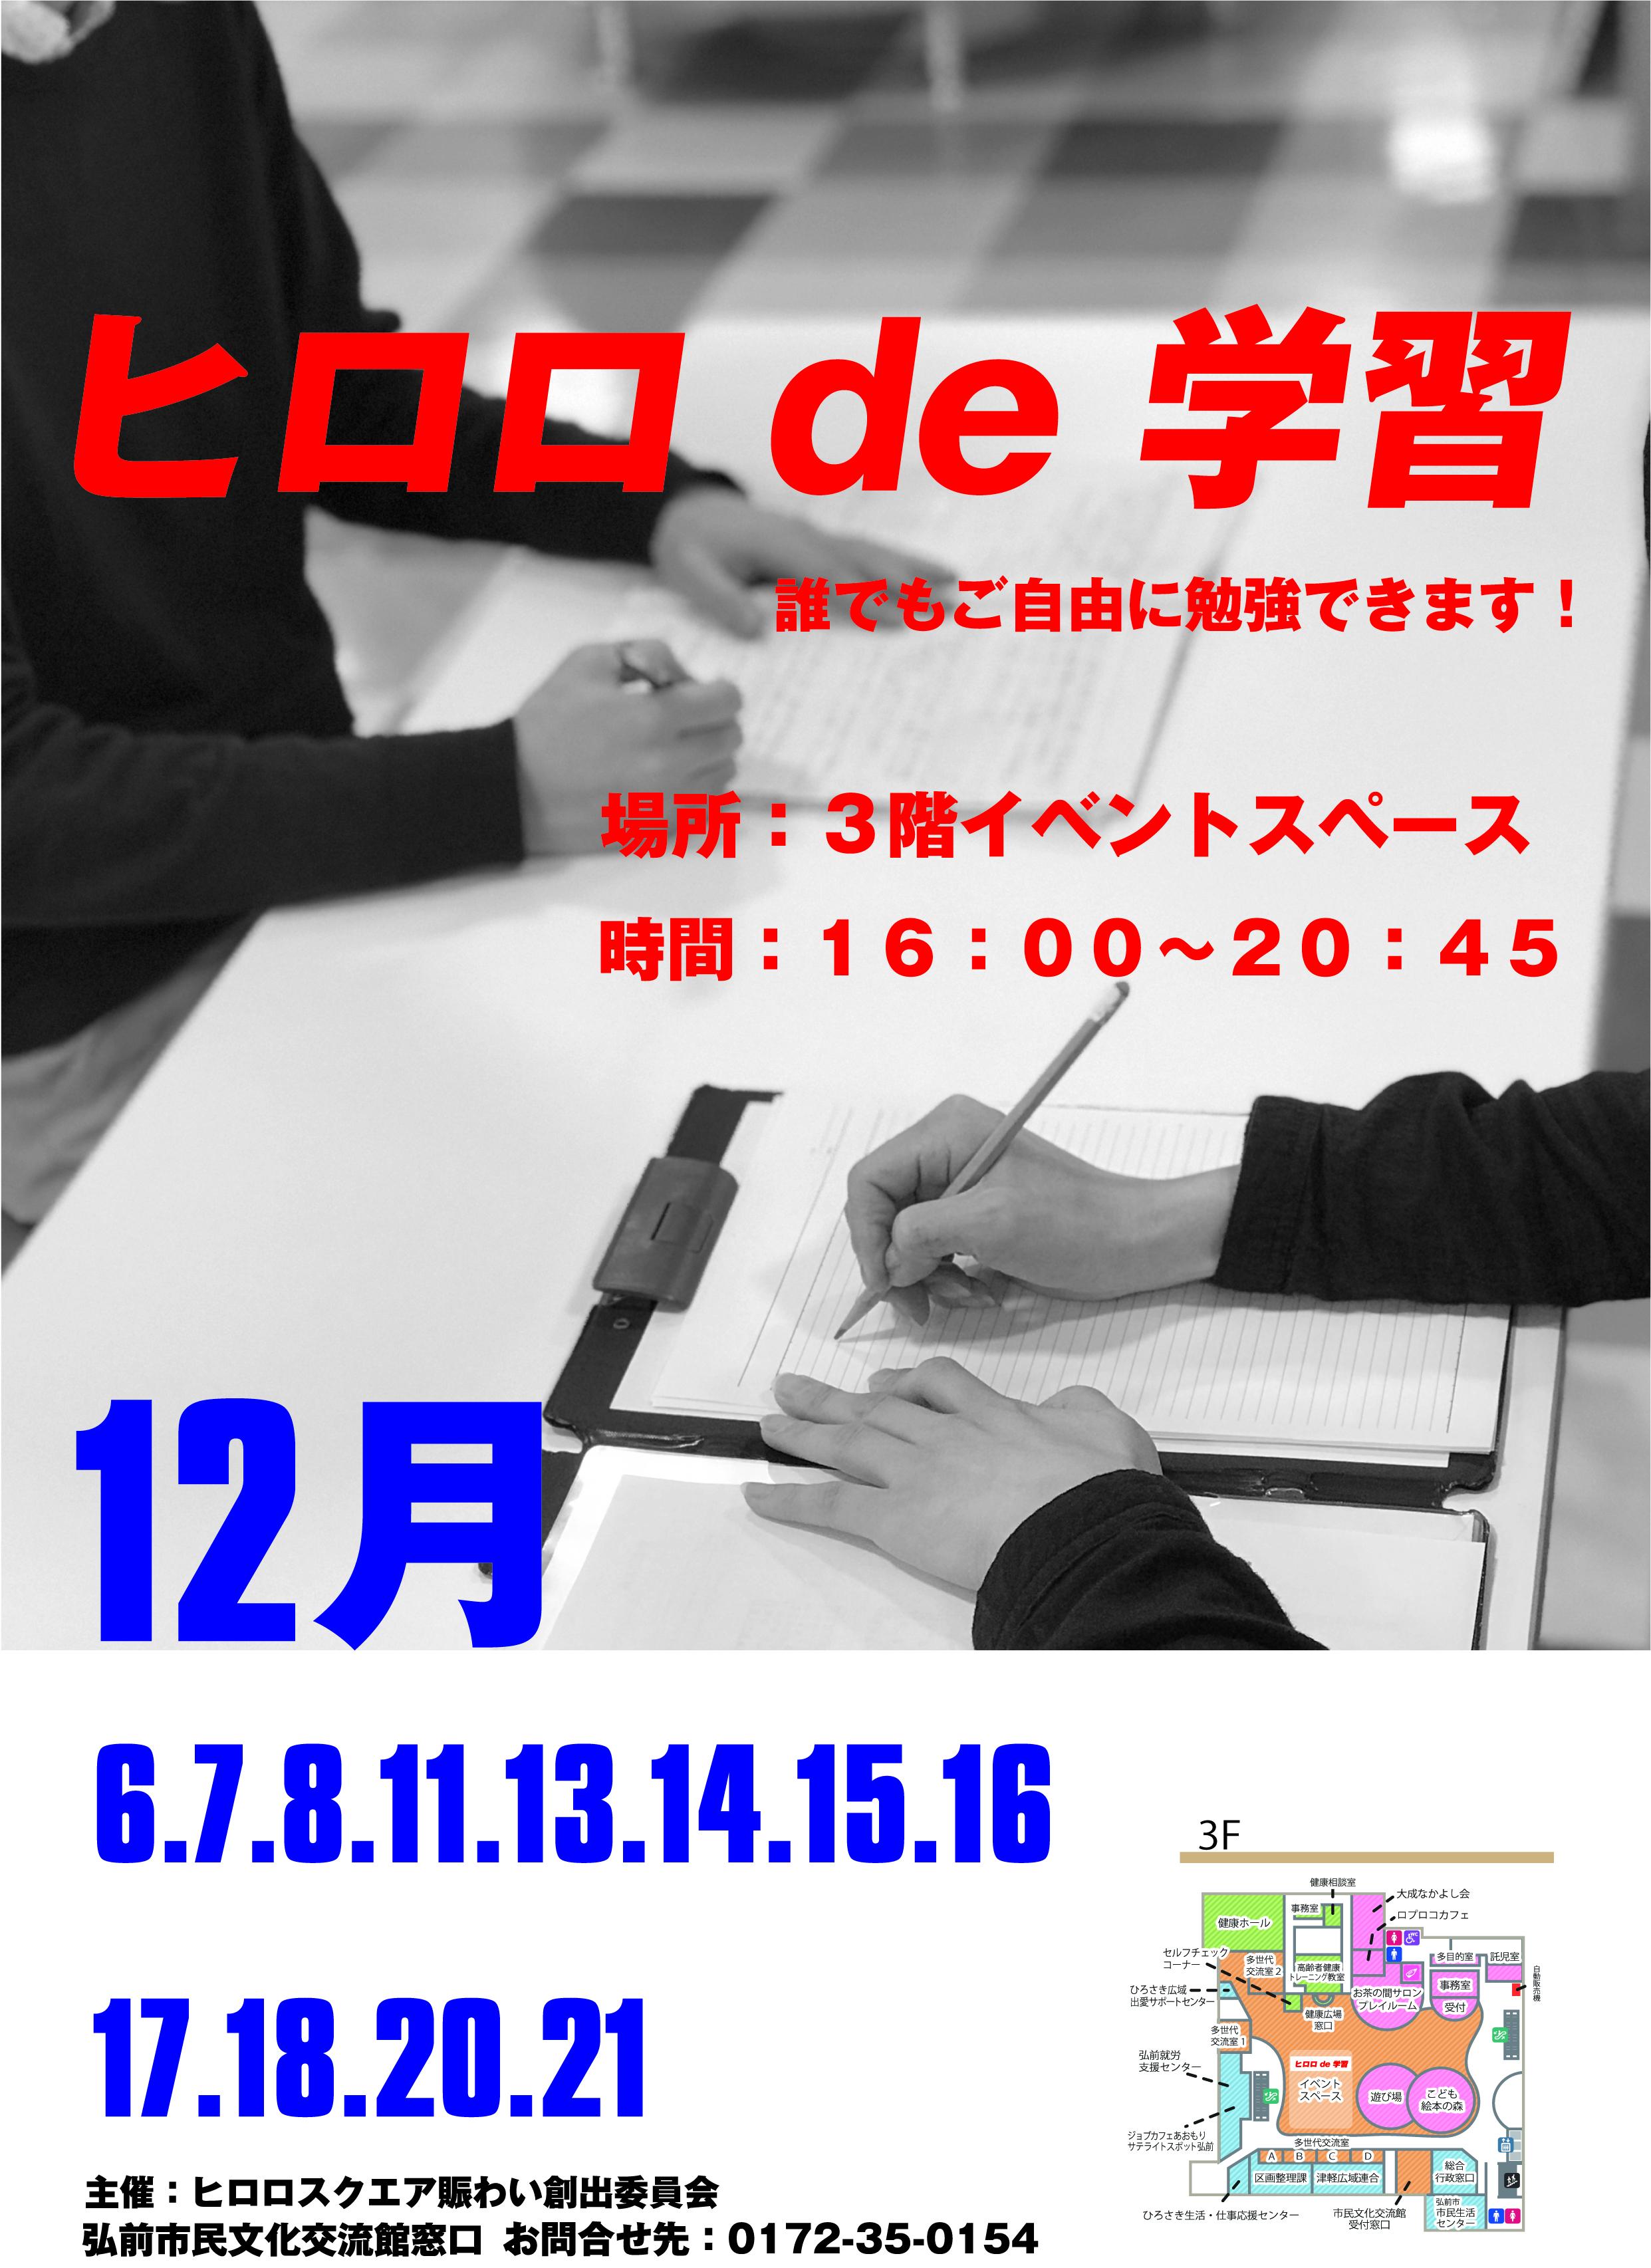 ヒロロde学習12月用チラシ.jpg